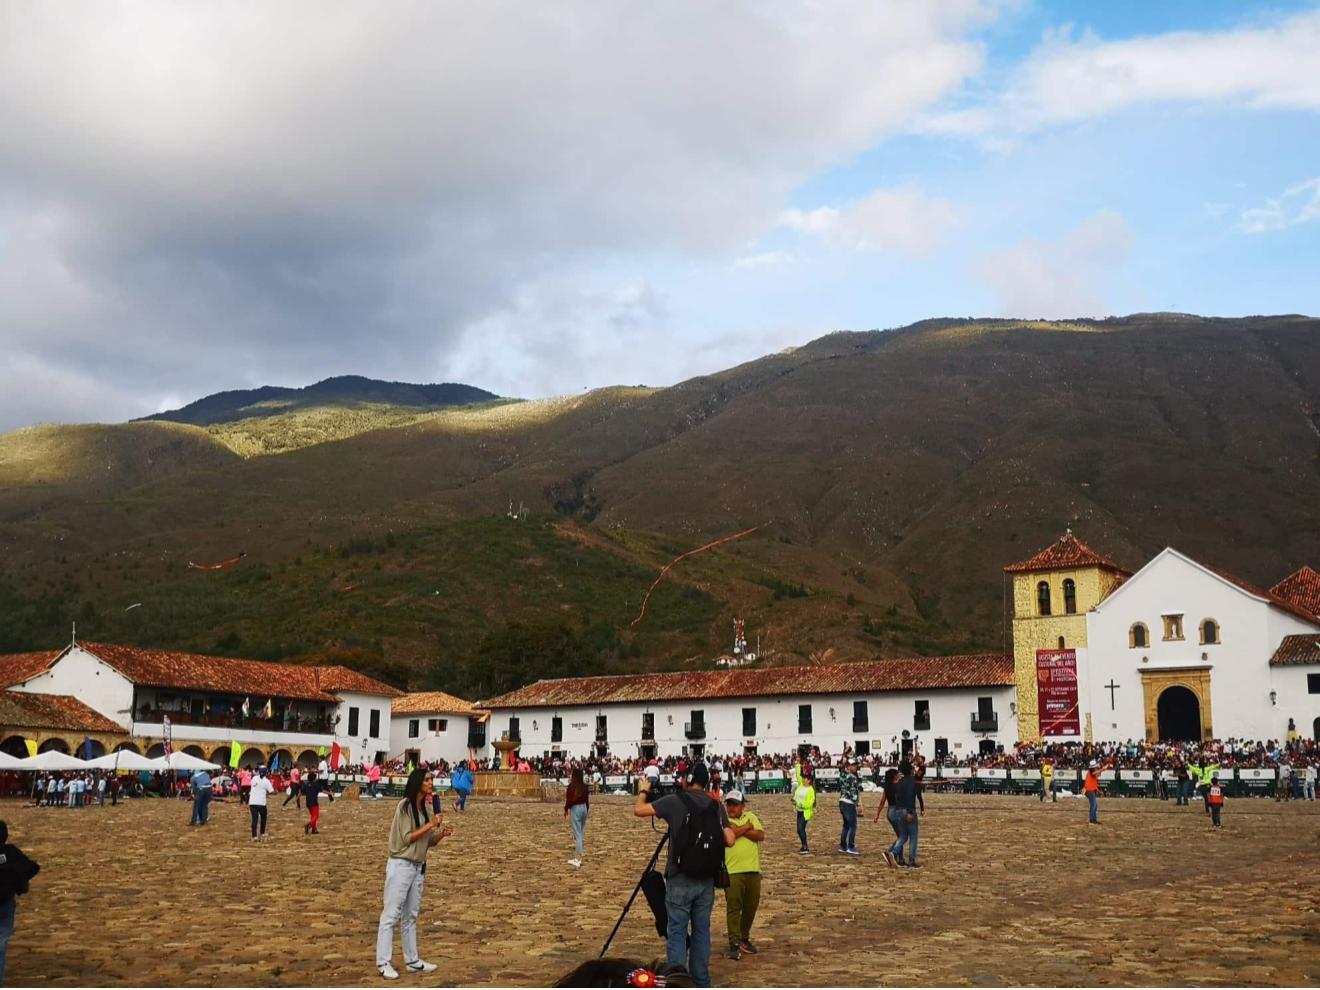 Main plaza in Villa de Leyva